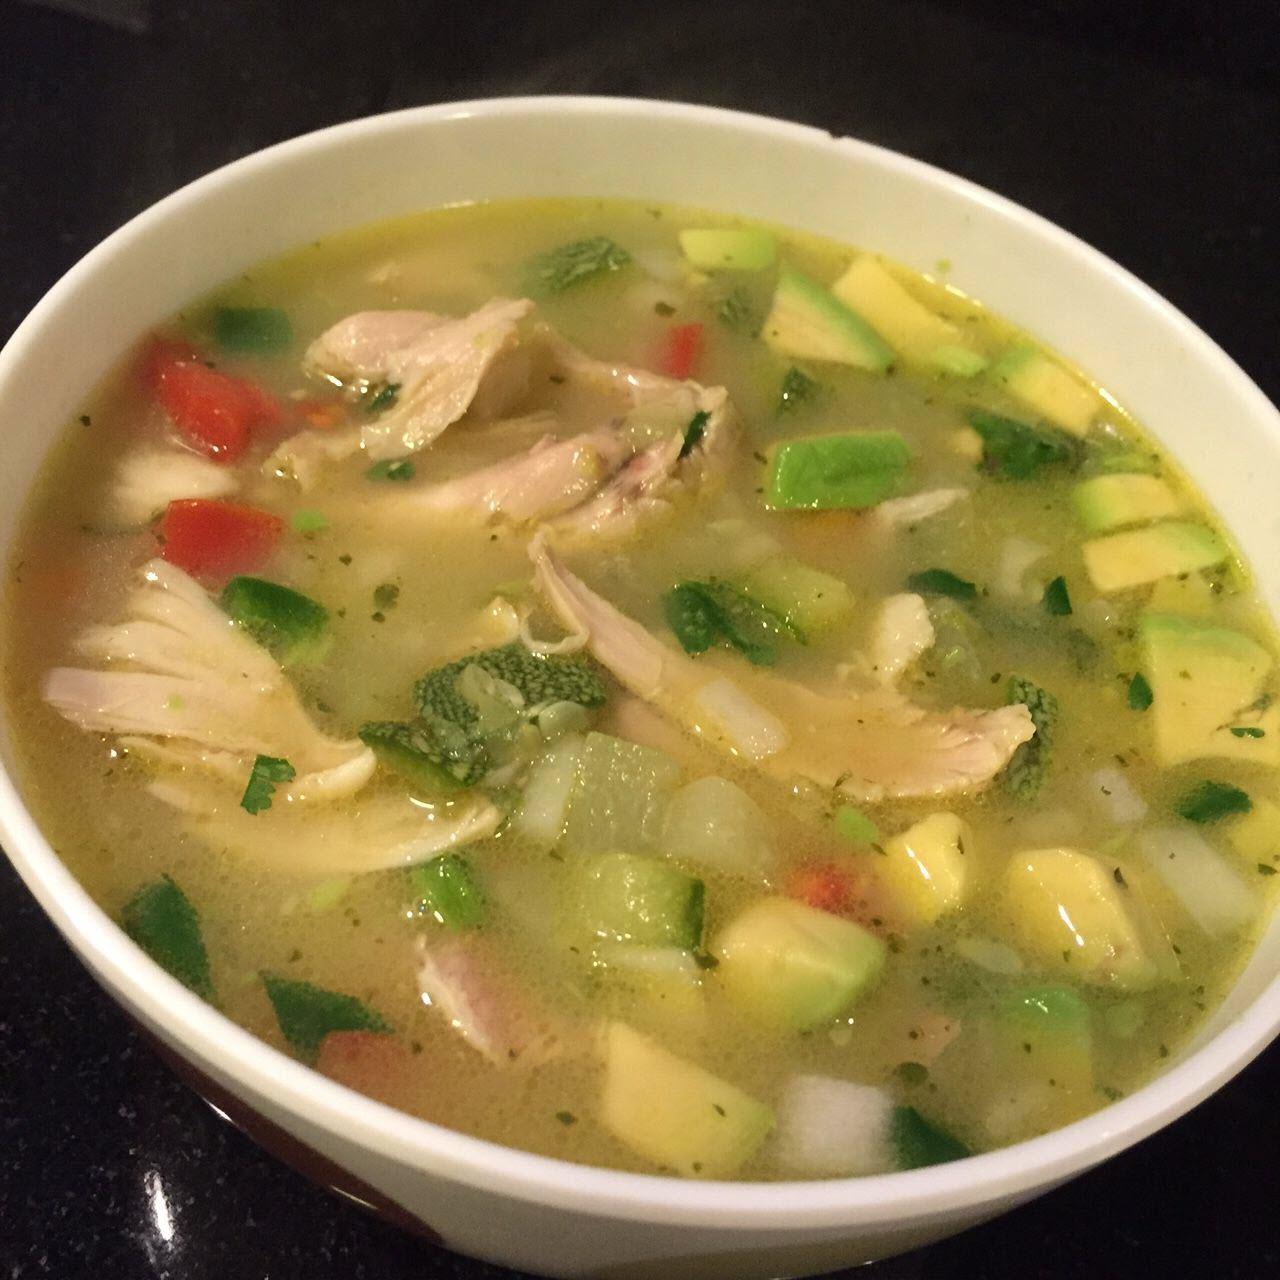 Mexican Chicken and Rice Soup (Sopa de Pollo y Arroz)